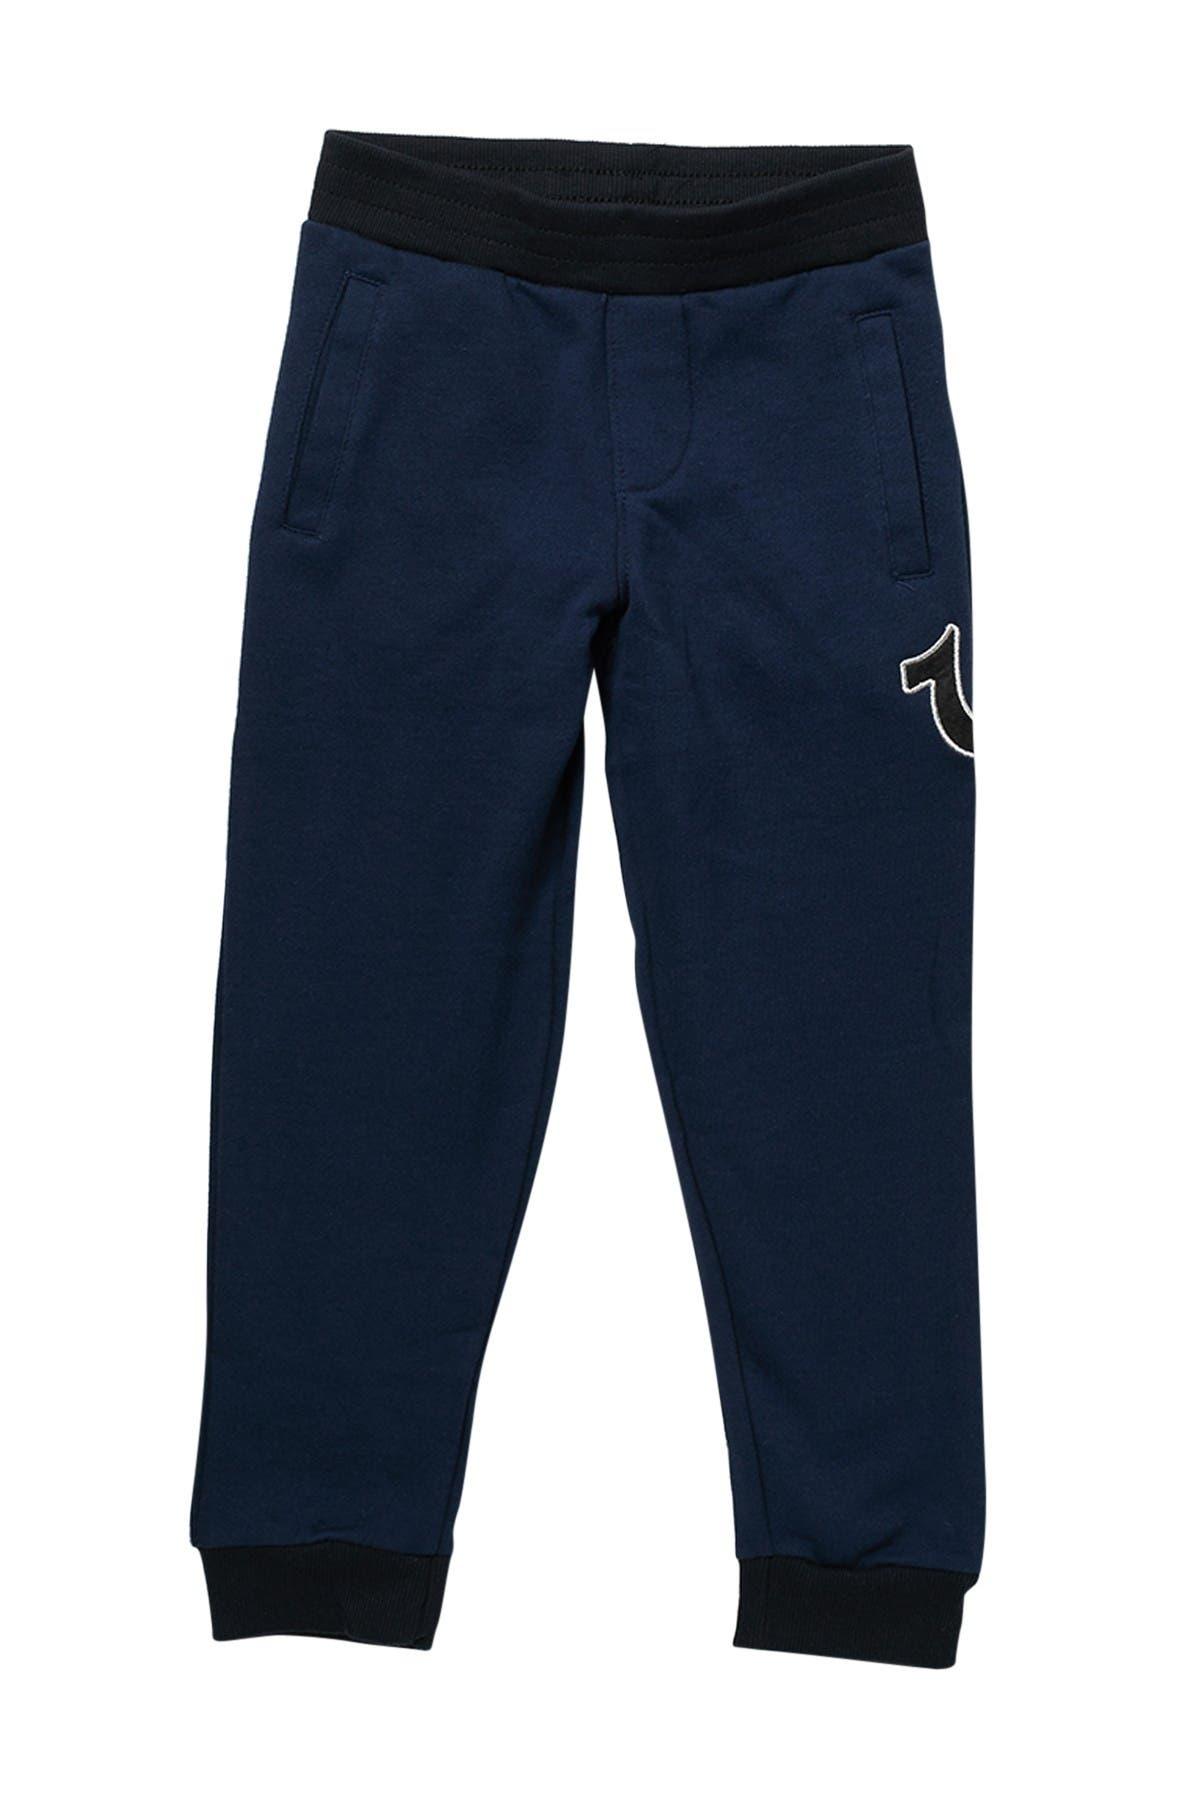 Image of True Religion Horseshoe Sweatpants